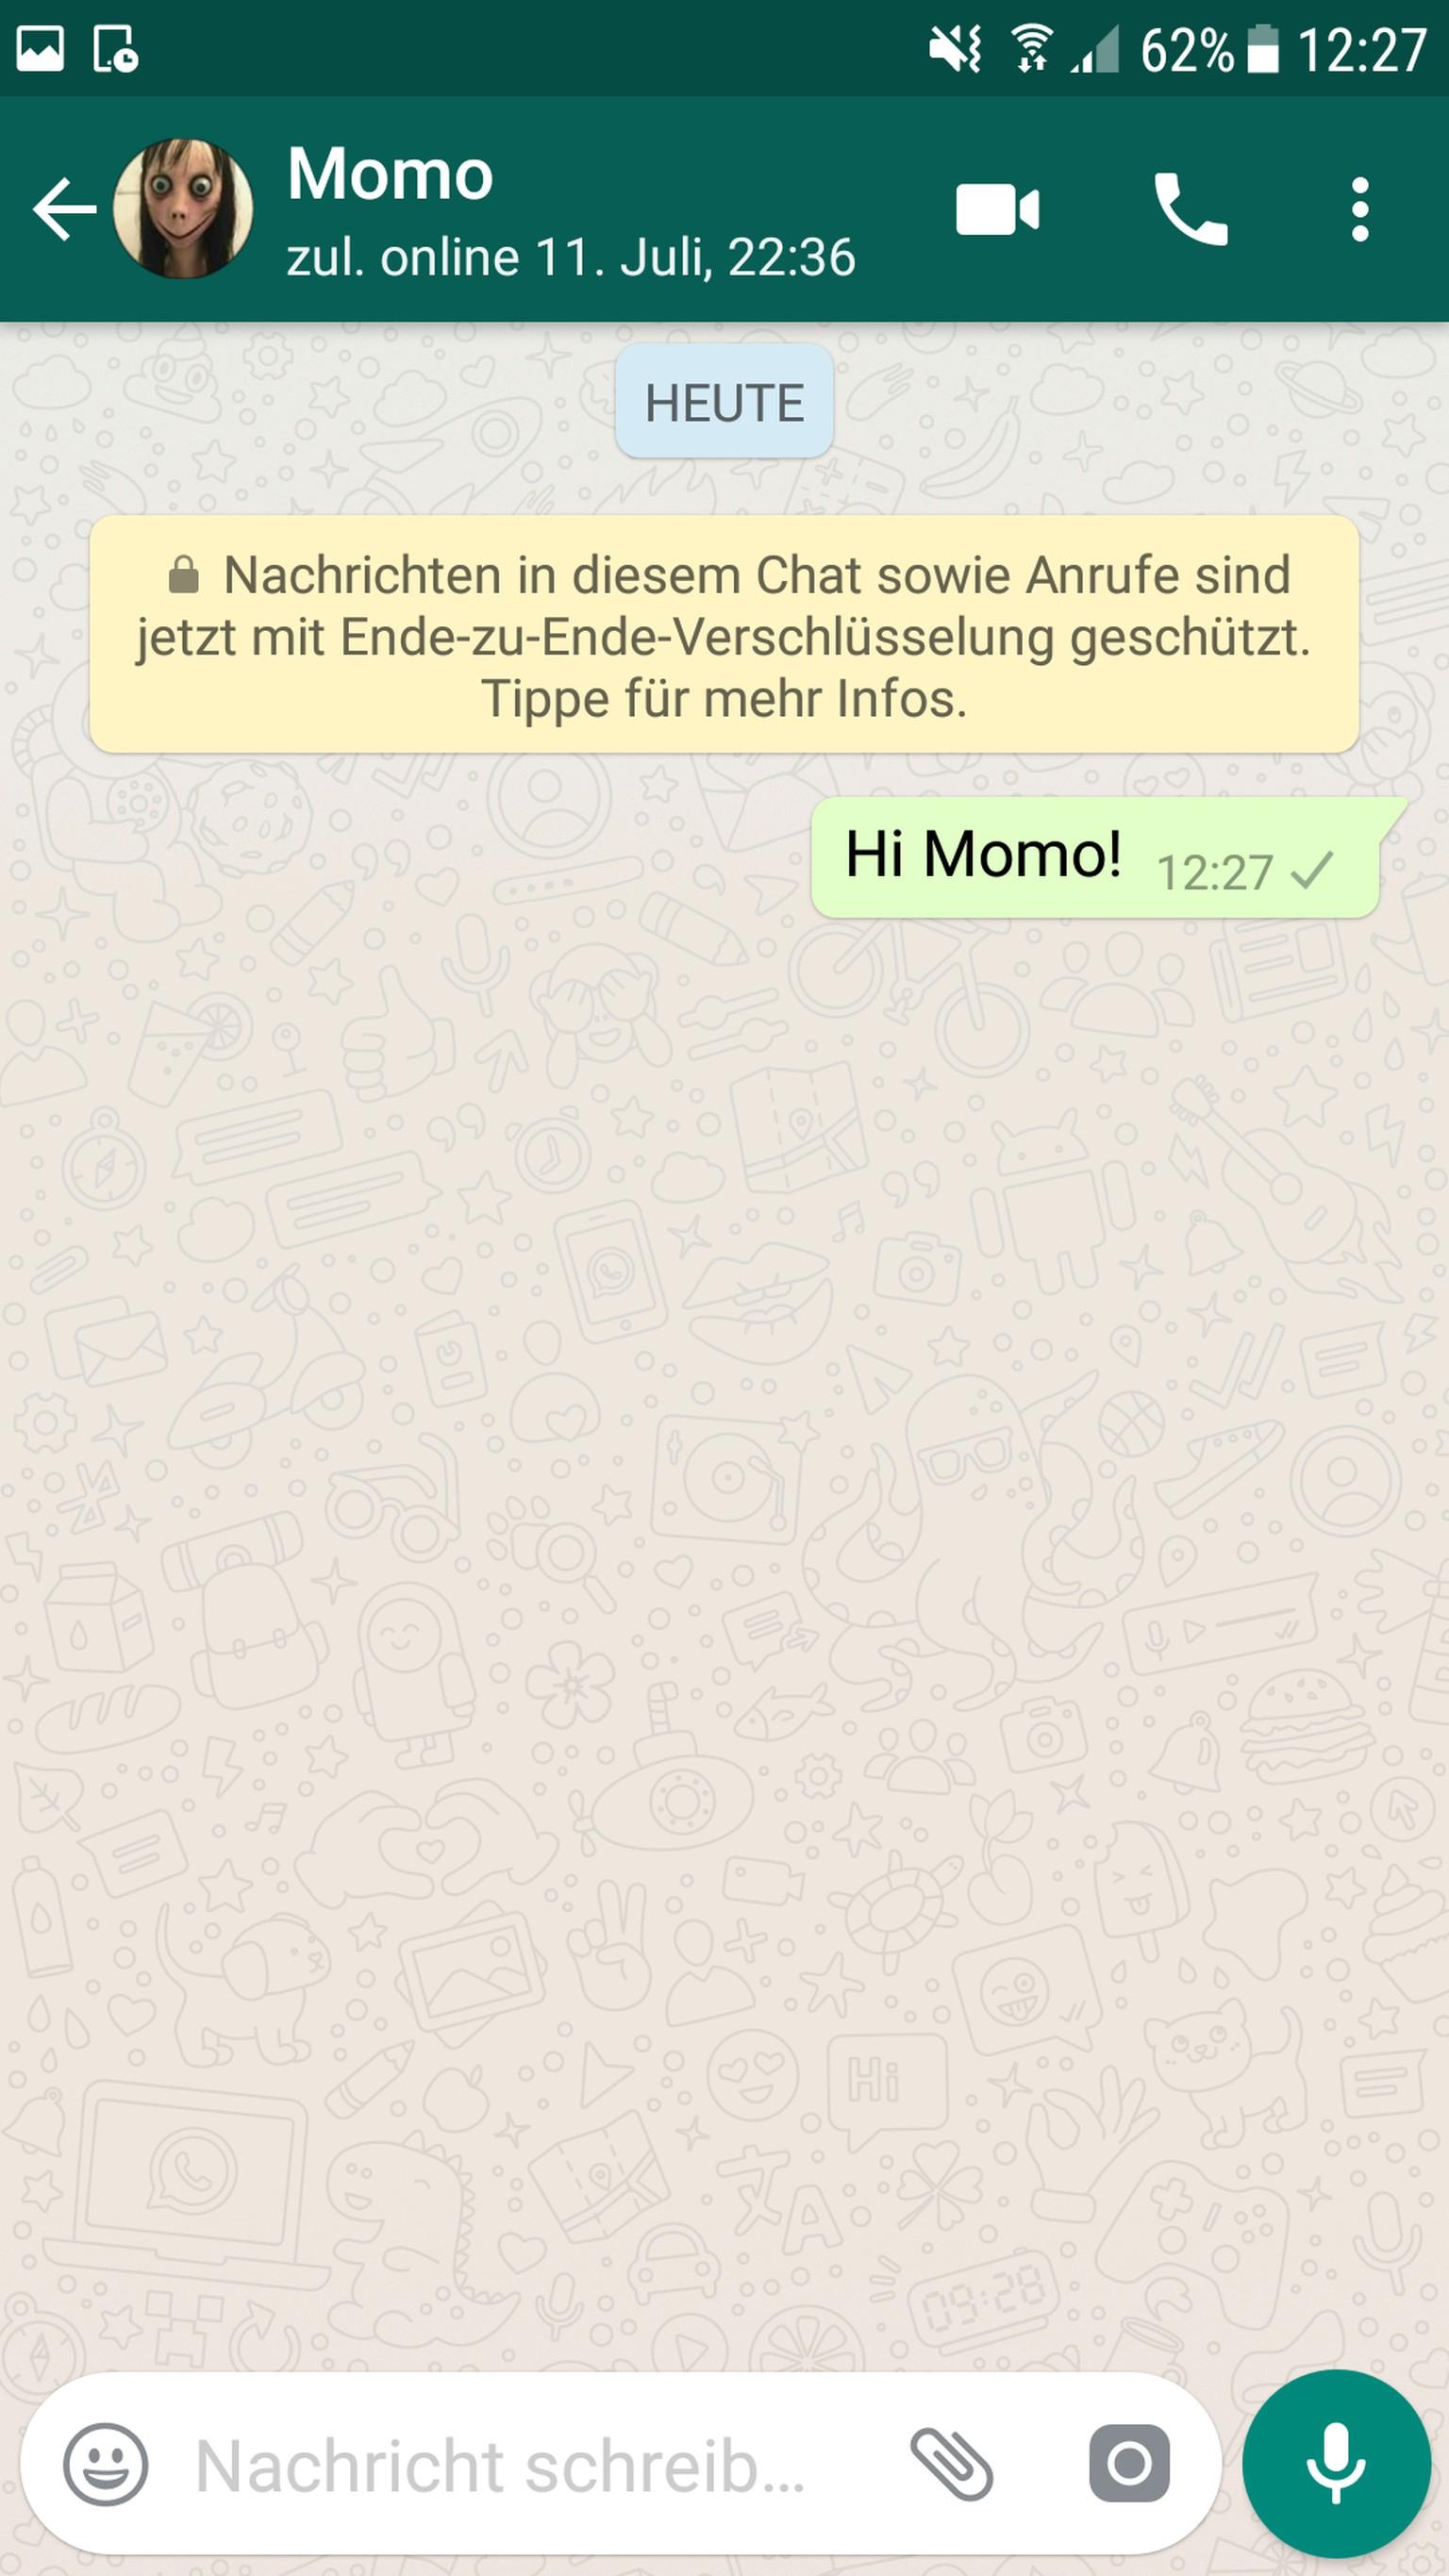 Das Steckt Hinter Dem Gruseligen Whatsapp Account Momo